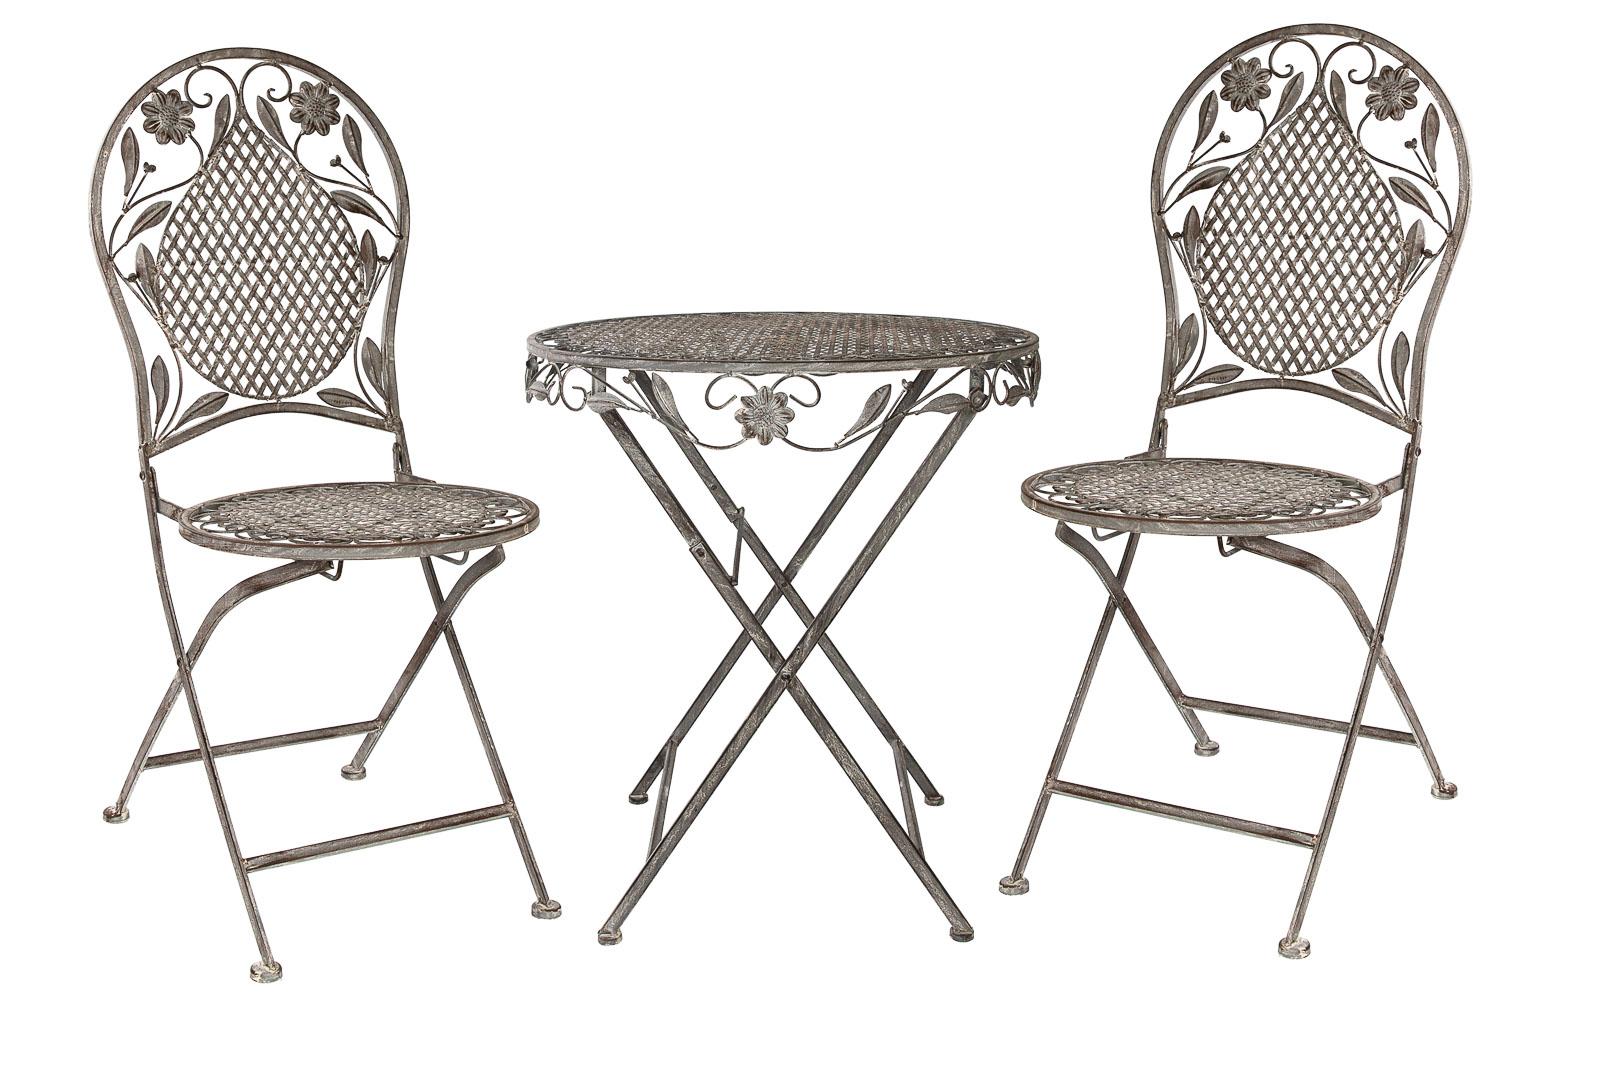 gartenm bel aus eisen im shop von aubaho einkaufen aubaho kunst voll im online shop einkaufen. Black Bedroom Furniture Sets. Home Design Ideas